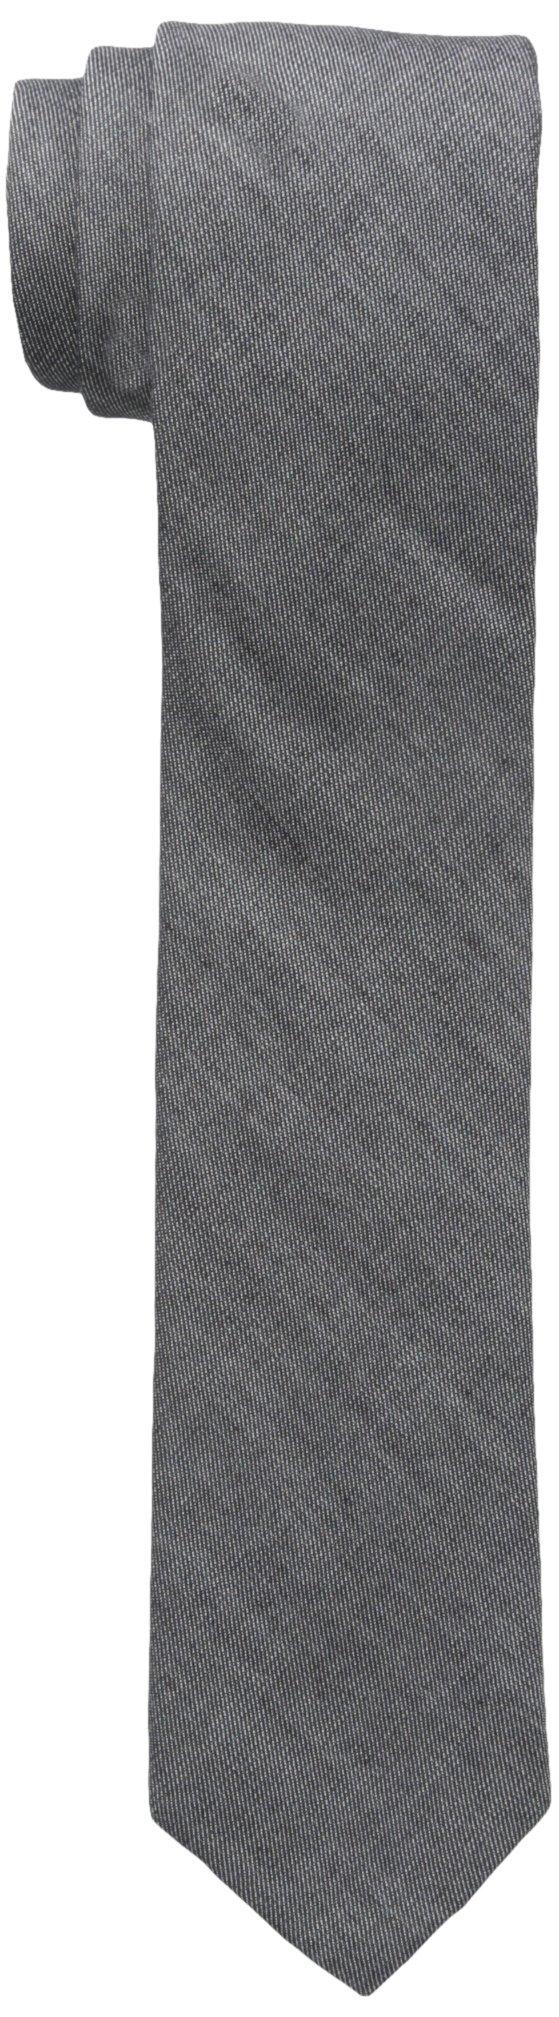 Original Penguin Men's Zion Solid Tie, Dark Navy, One Size